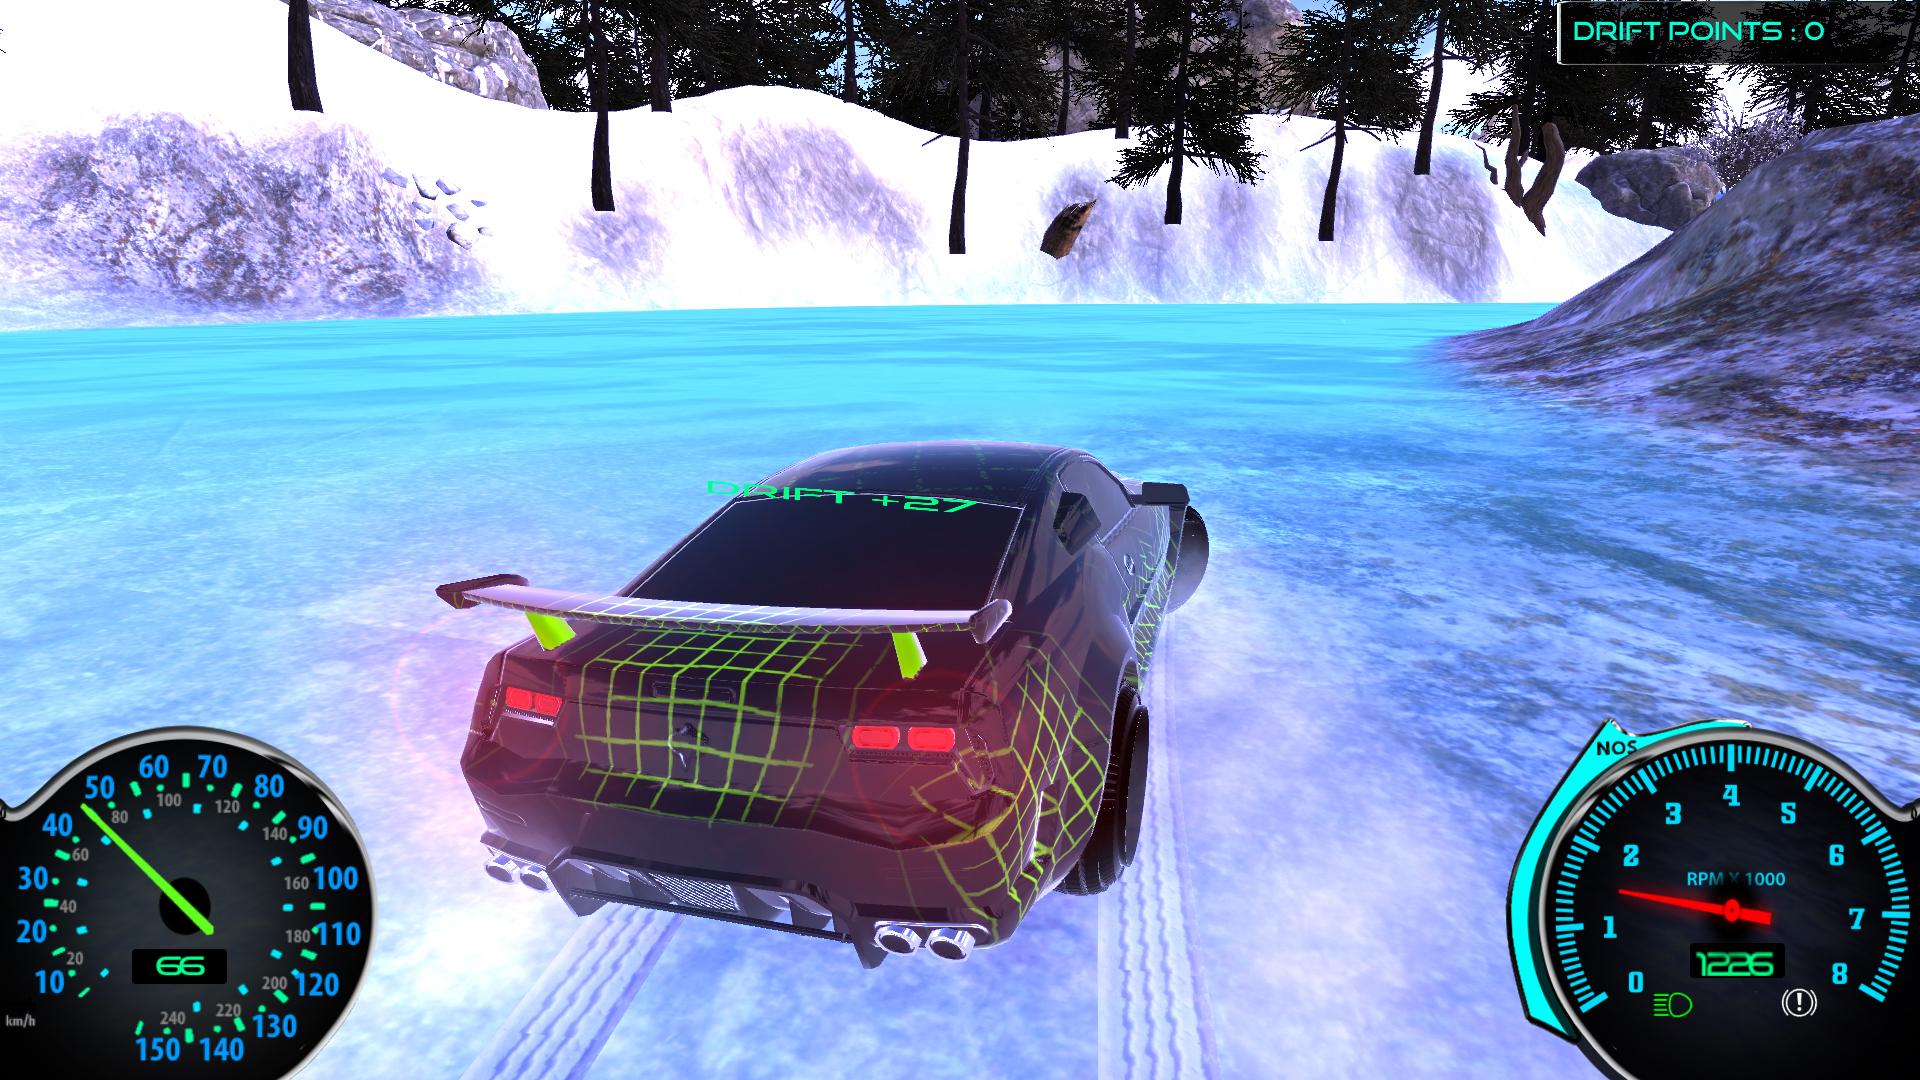 com.steam.752400-screenshot